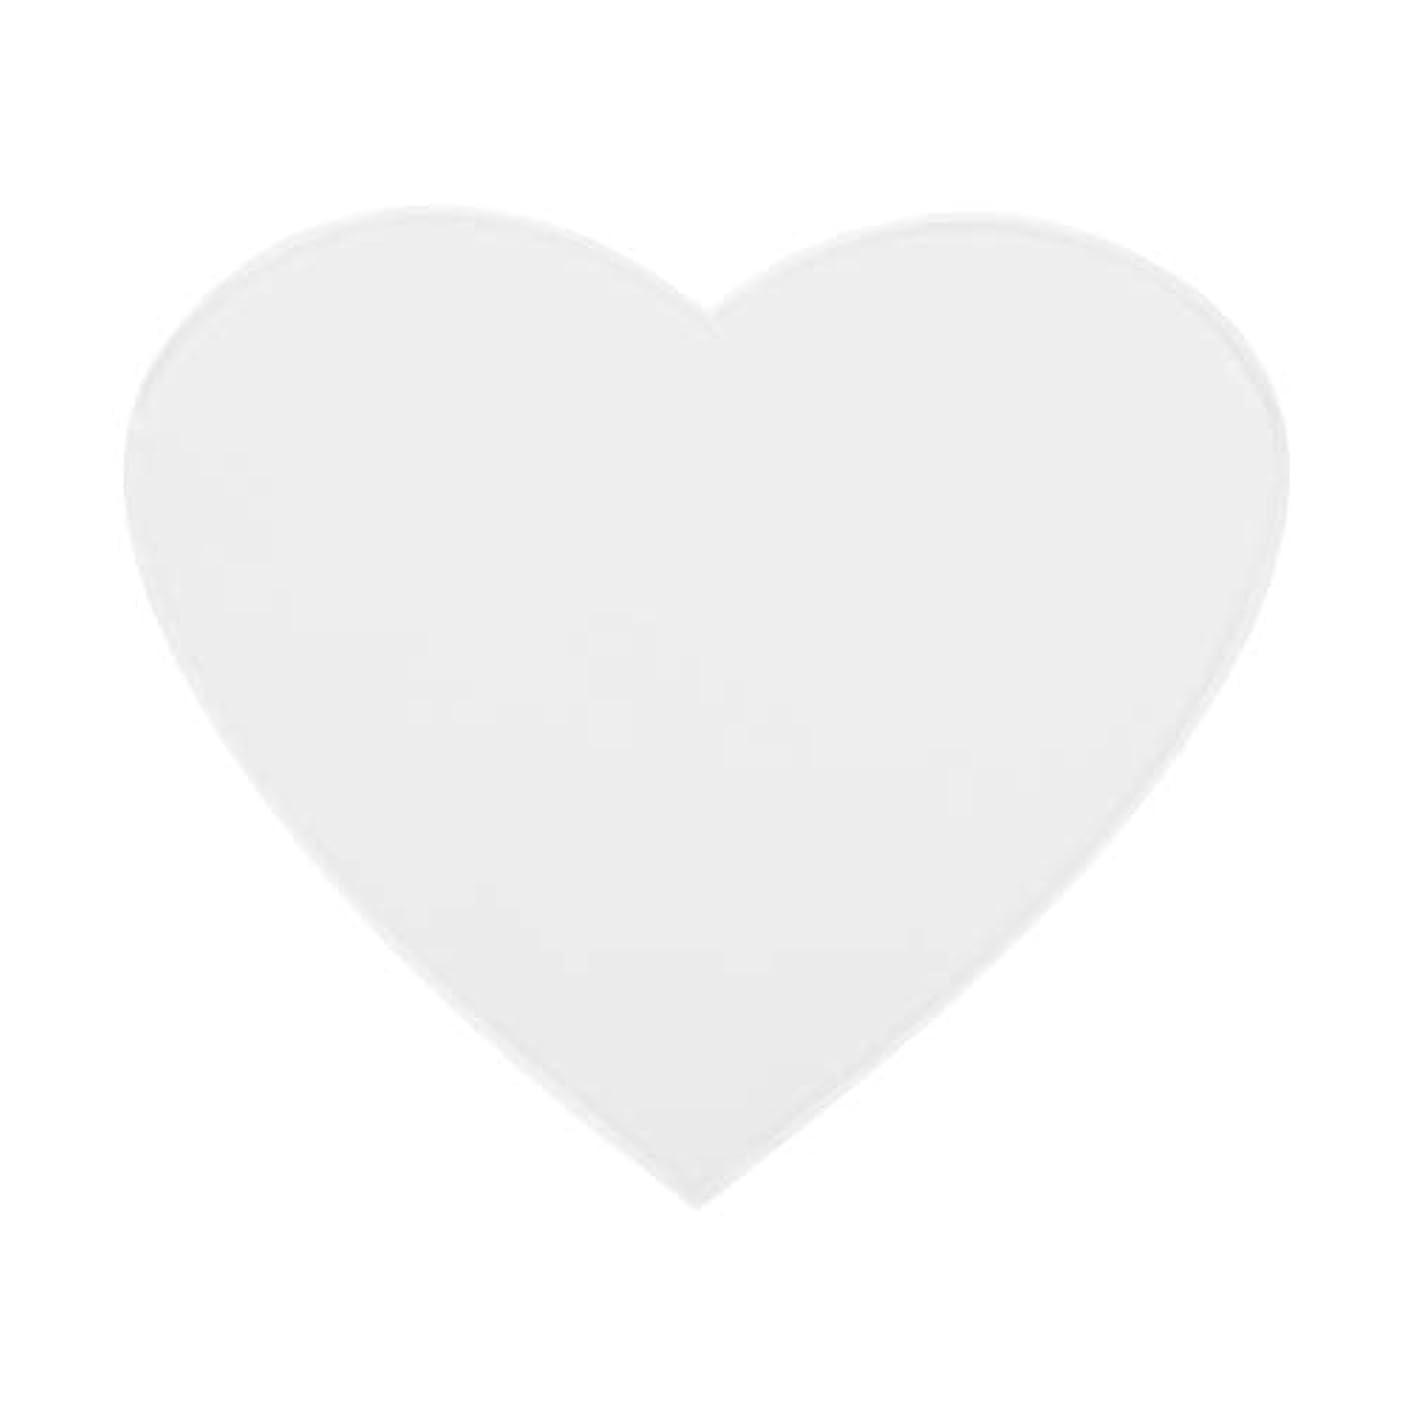 予防接種プロジェクター怪しいアンチリンクルシリコンチェストパッドケア再利用可能パッド(心臓)